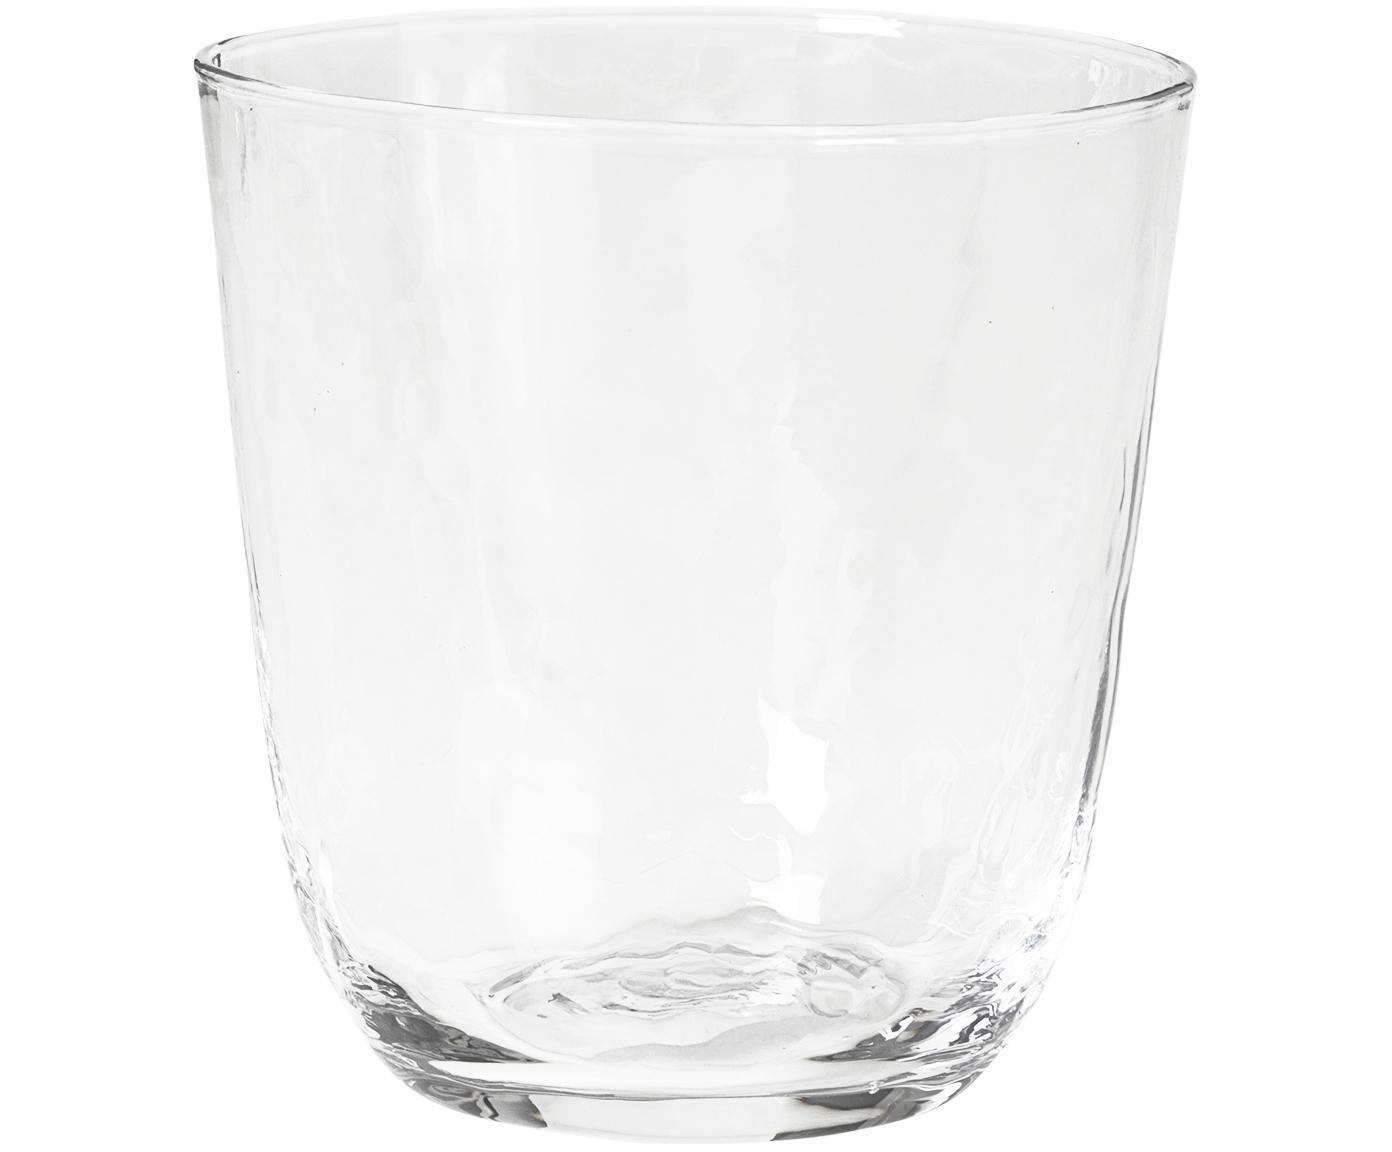 Mundgeblasene Wassergläser Hammered mit unebener Oberfläche, 4er-Set, Glas, mundgeblasen, Transparent, Ø 9 x H 10 cm